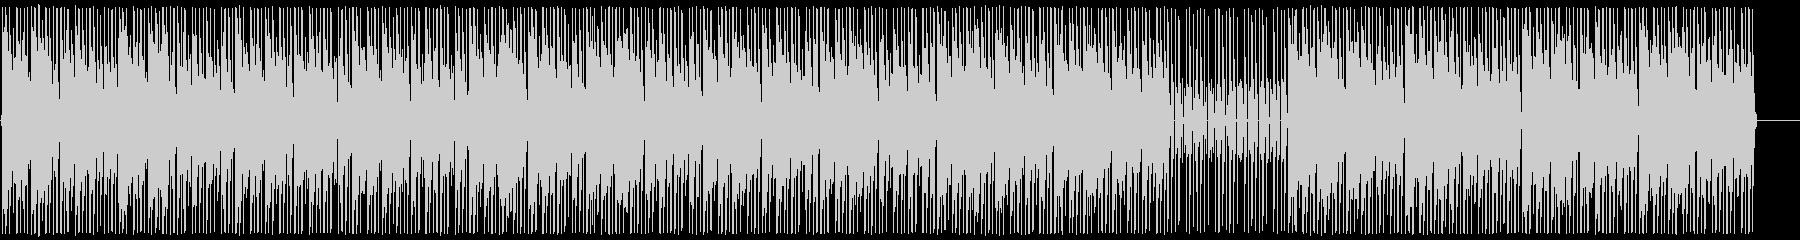 ヒップホップ/シンプル・王道/ギター/1の未再生の波形